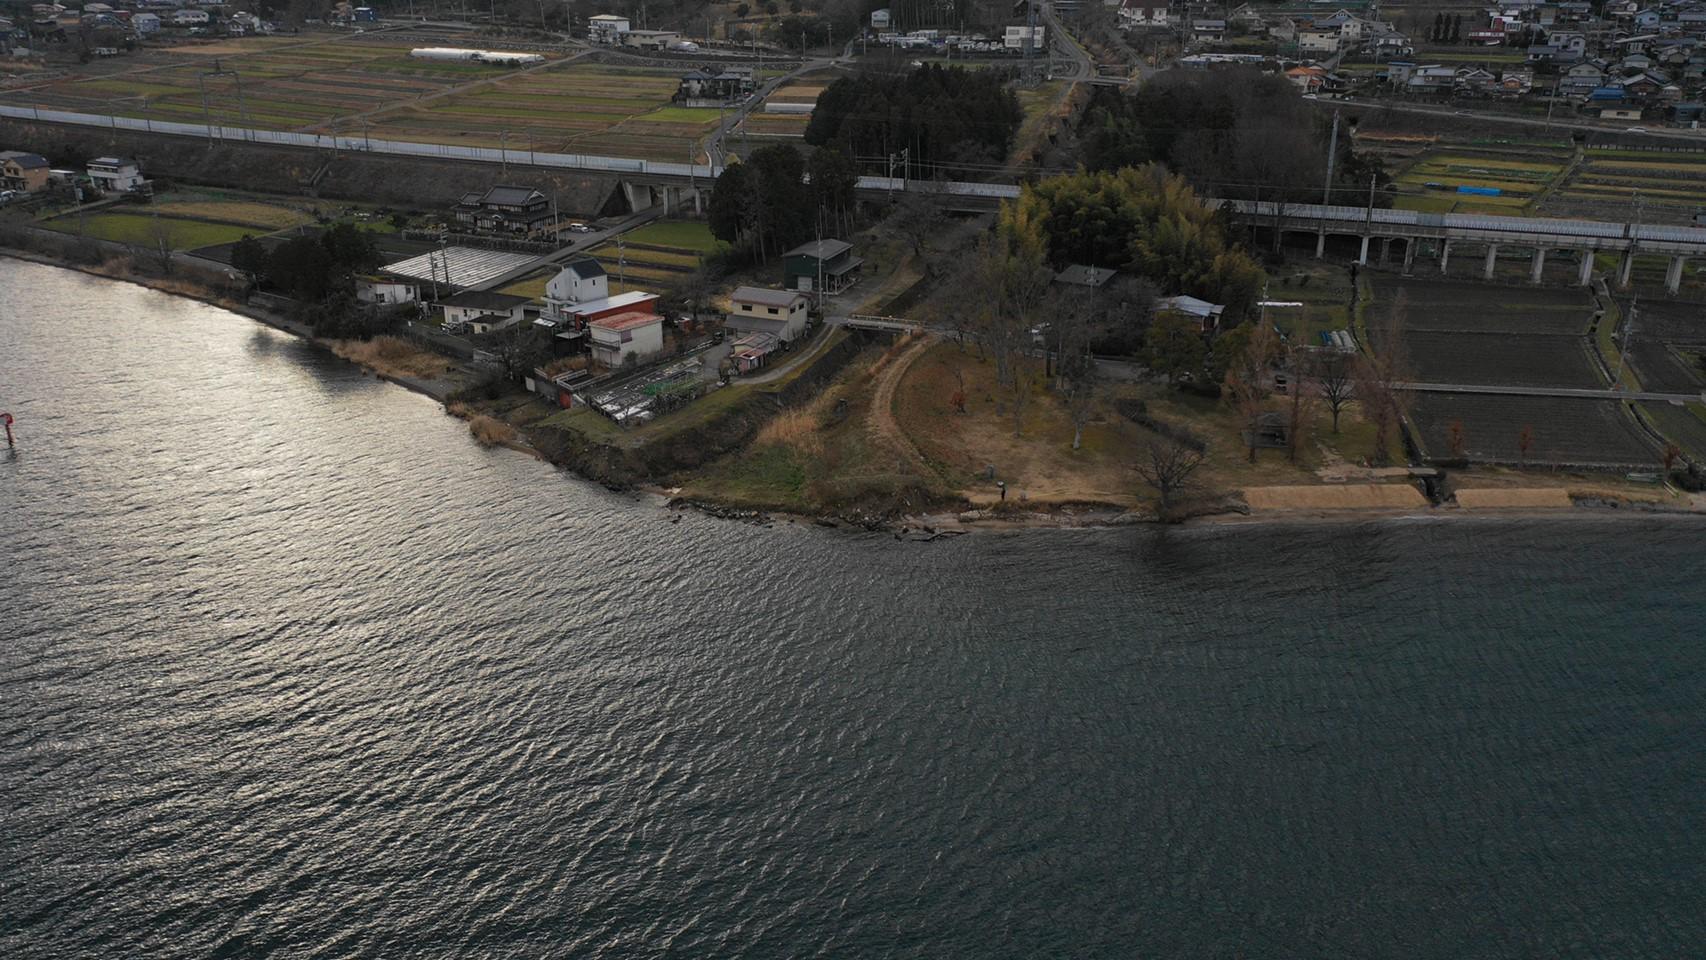 【琵琶湖西エリア】『大津市 志賀駅』周辺の釣り場ガイド